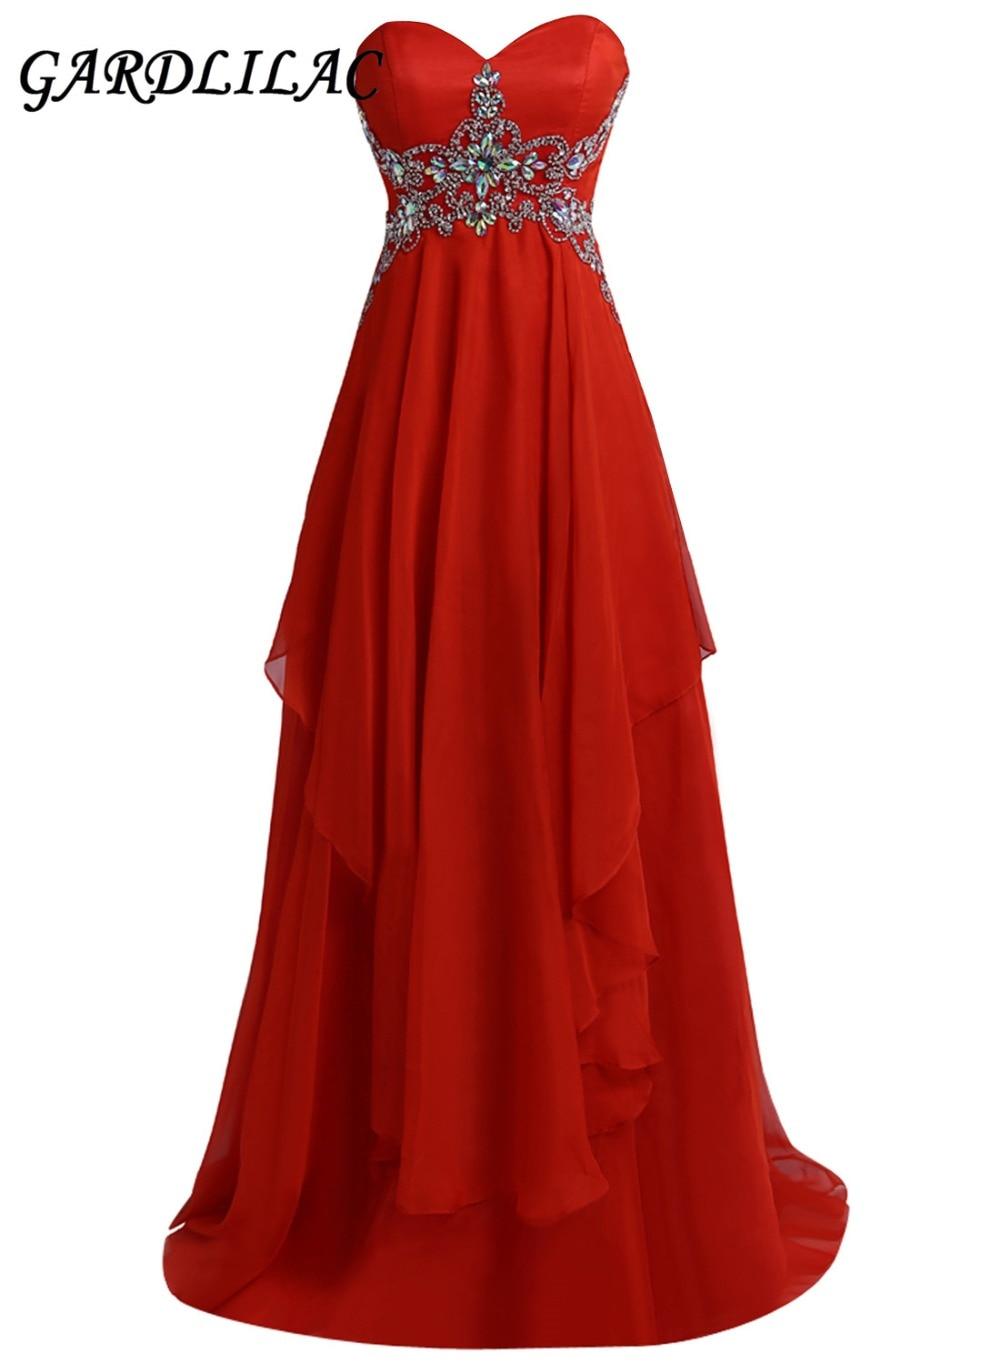 ใหม่ที่ไม่มีสายหนังสีแดงยาวชุดเพื่อนเจ้าสาว 2019 ขนาดบวกงานแต่งงานชุดชีฟองลูกปัดแม่บ้านเกียรติยศชุดพรหม